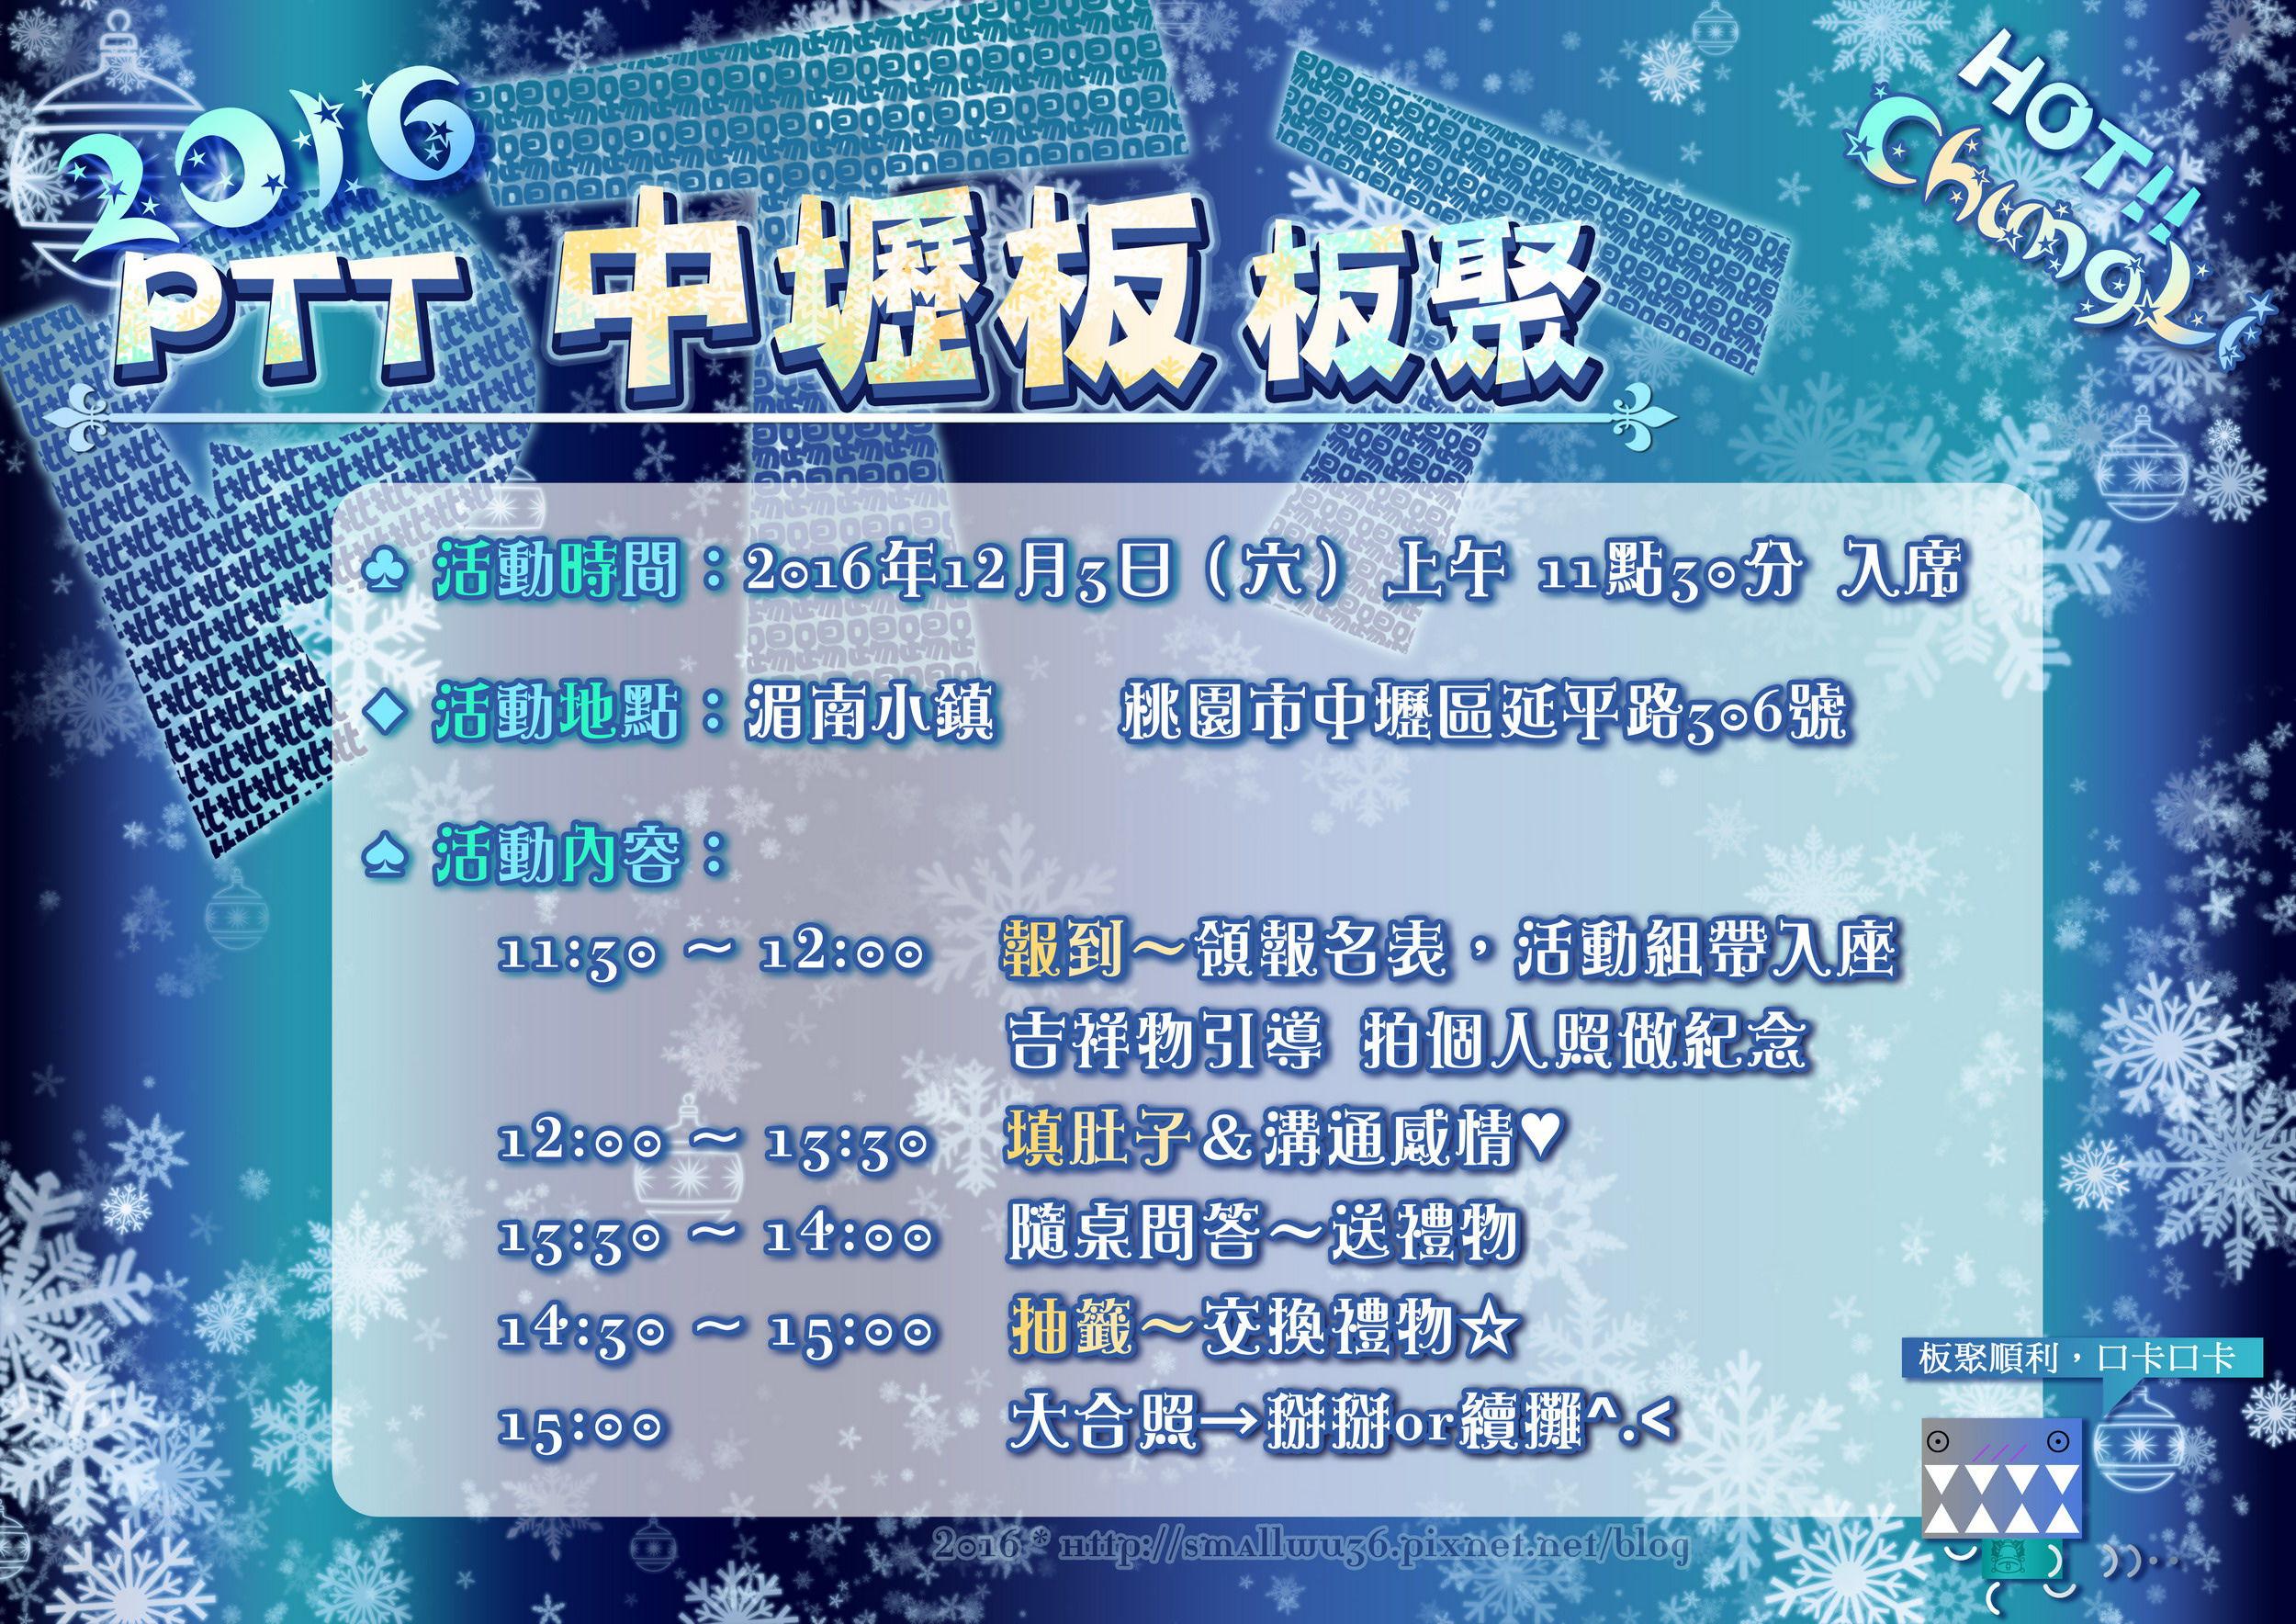 2016-PTT中壢板聚海報製作-105-輸出-OK完成.jpg